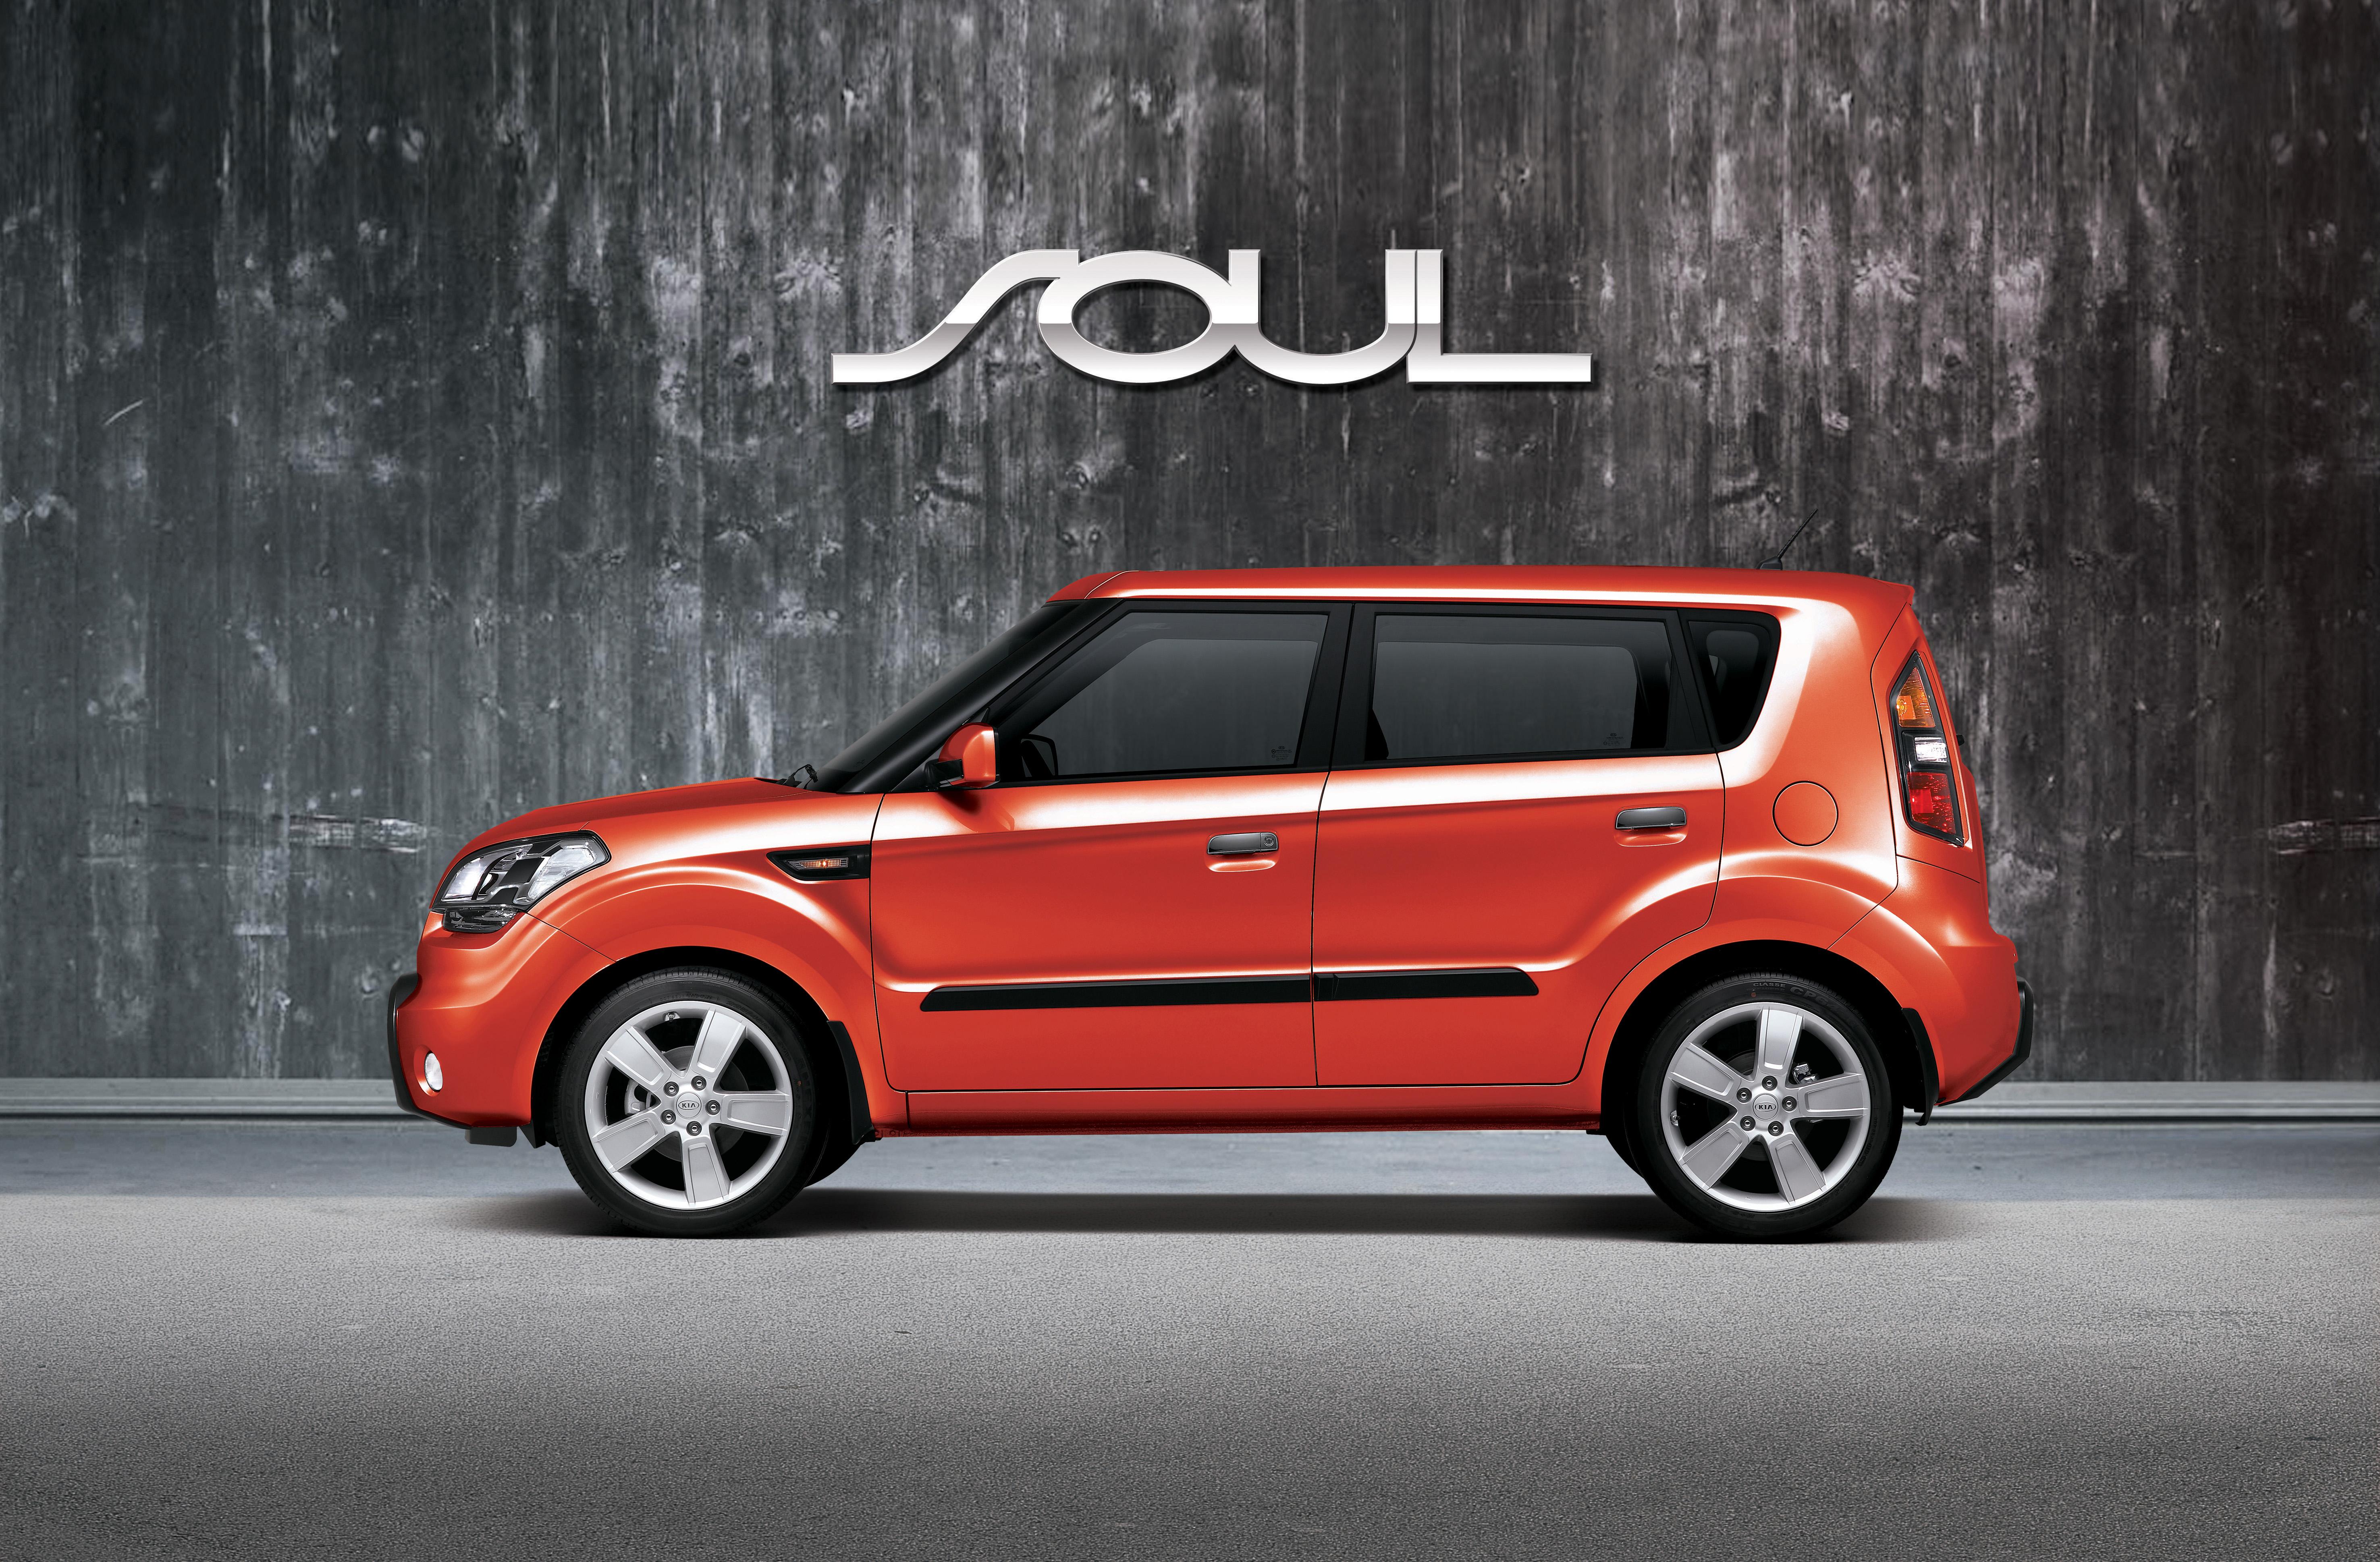 Kia Soul EV будет запущен в 2014 году с дальностью хода 200 км